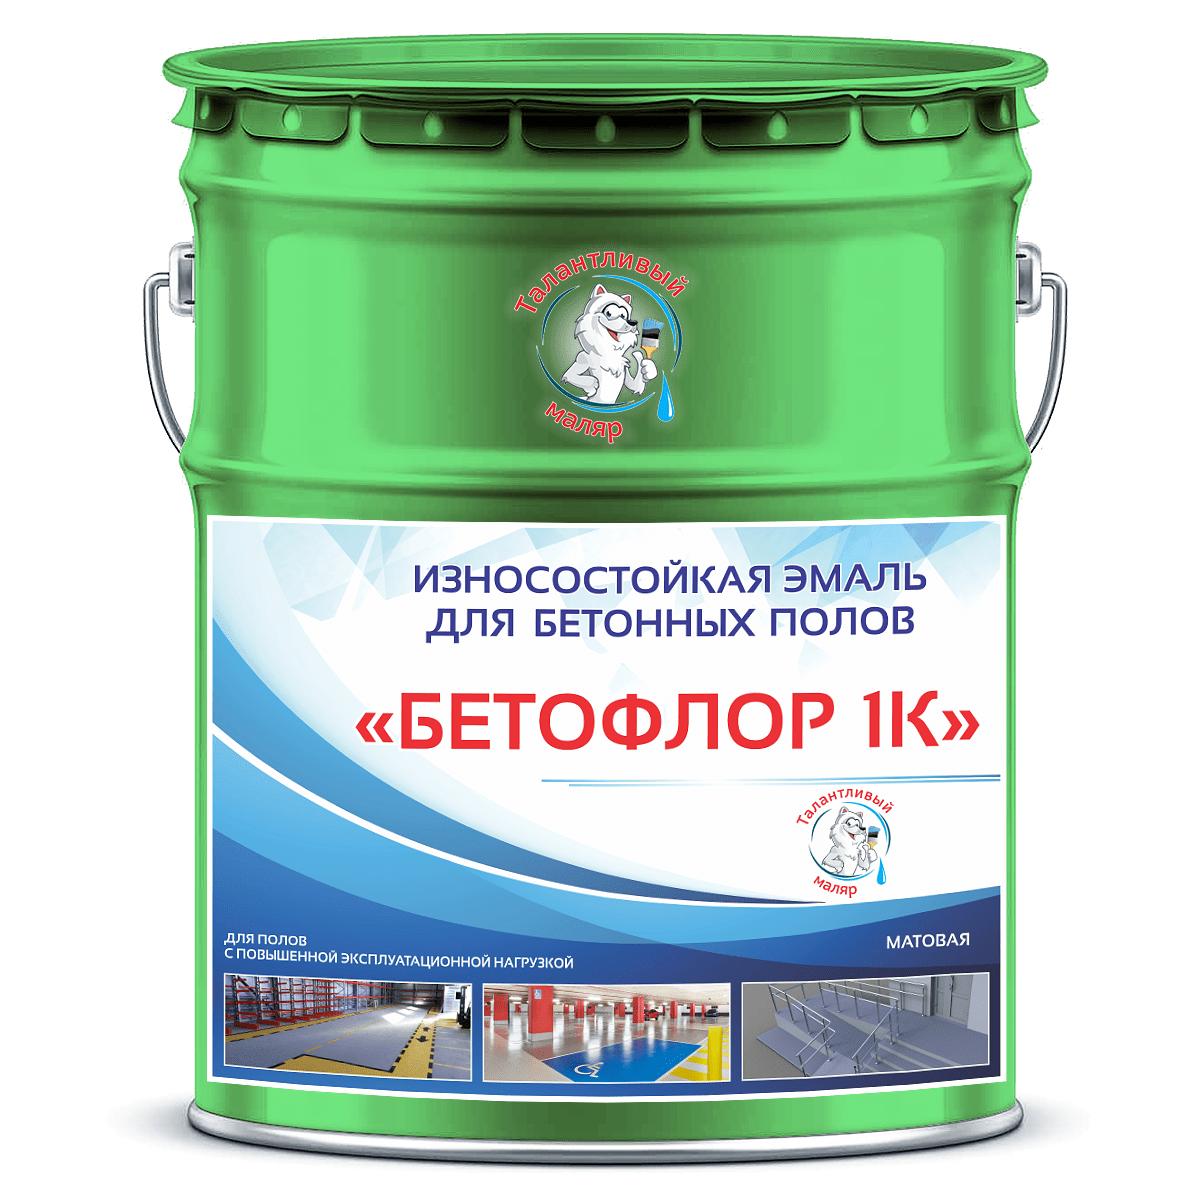 """Фото 2 - BF6001 Эмаль для бетонных полов """"Бетофлор"""" 1К цвет RAL 6001 Зеленый изумруд, матовая износостойкая, 25 кг """"Талантливый Маляр""""."""